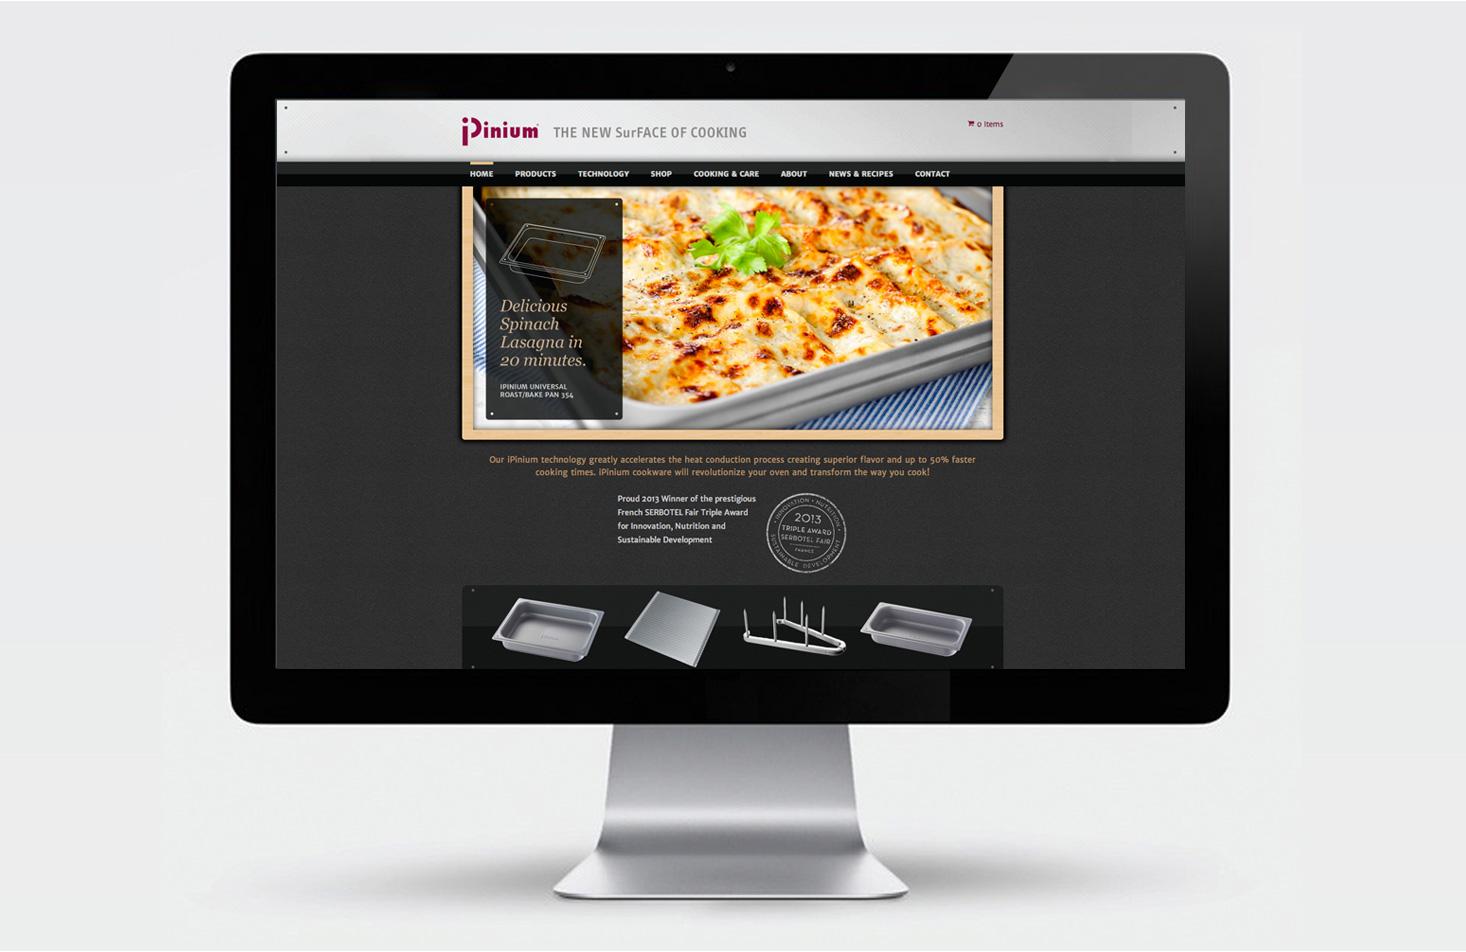 iPinium USA website